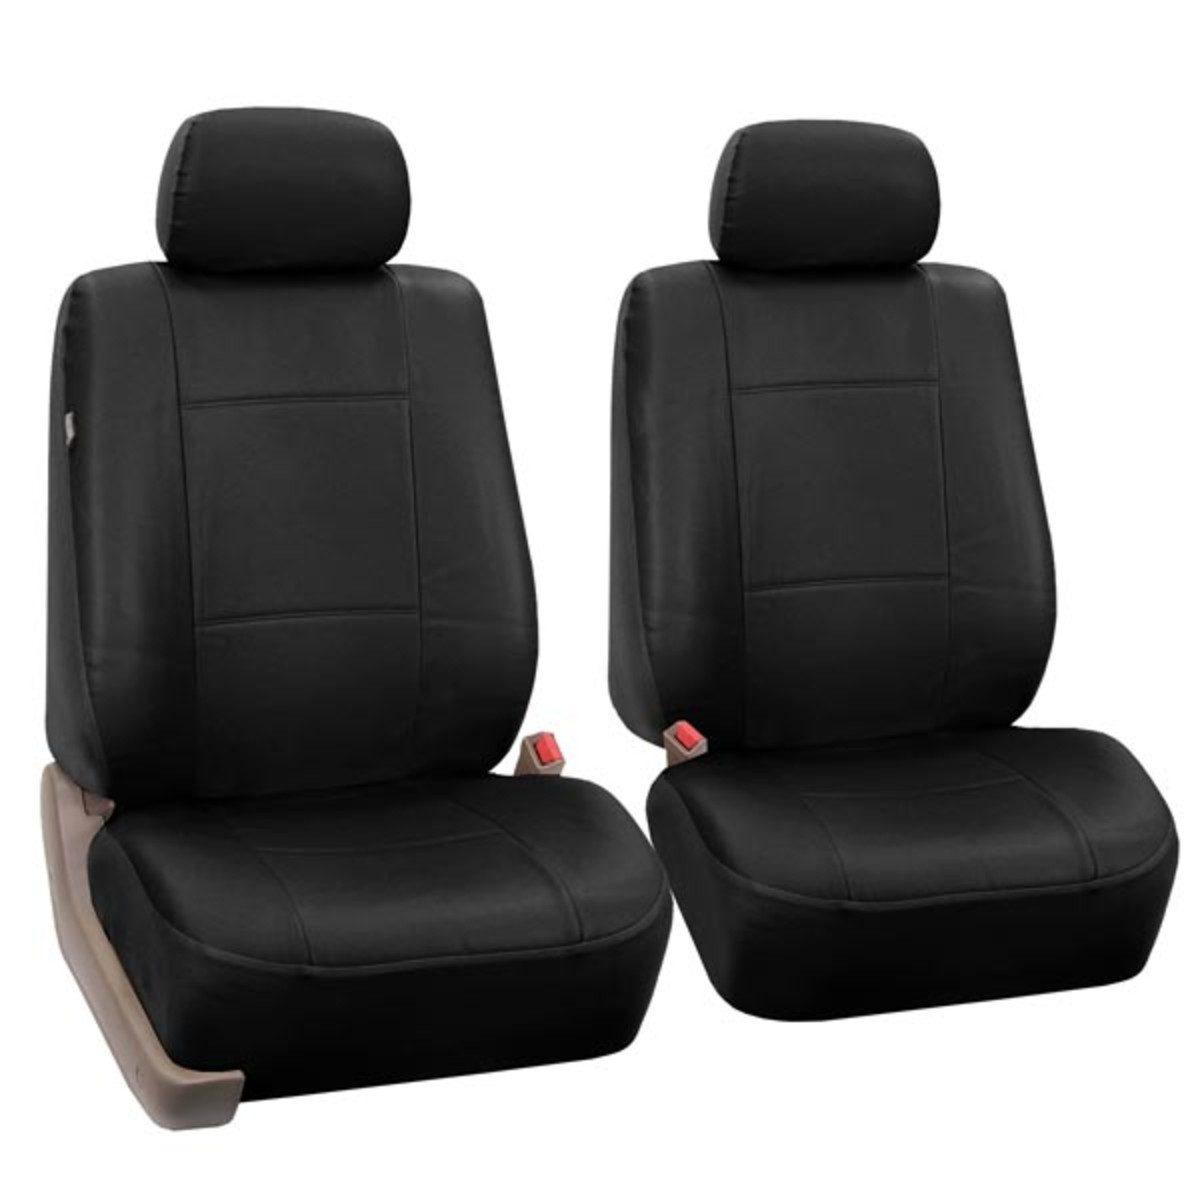 88-PU002102_black seat cover